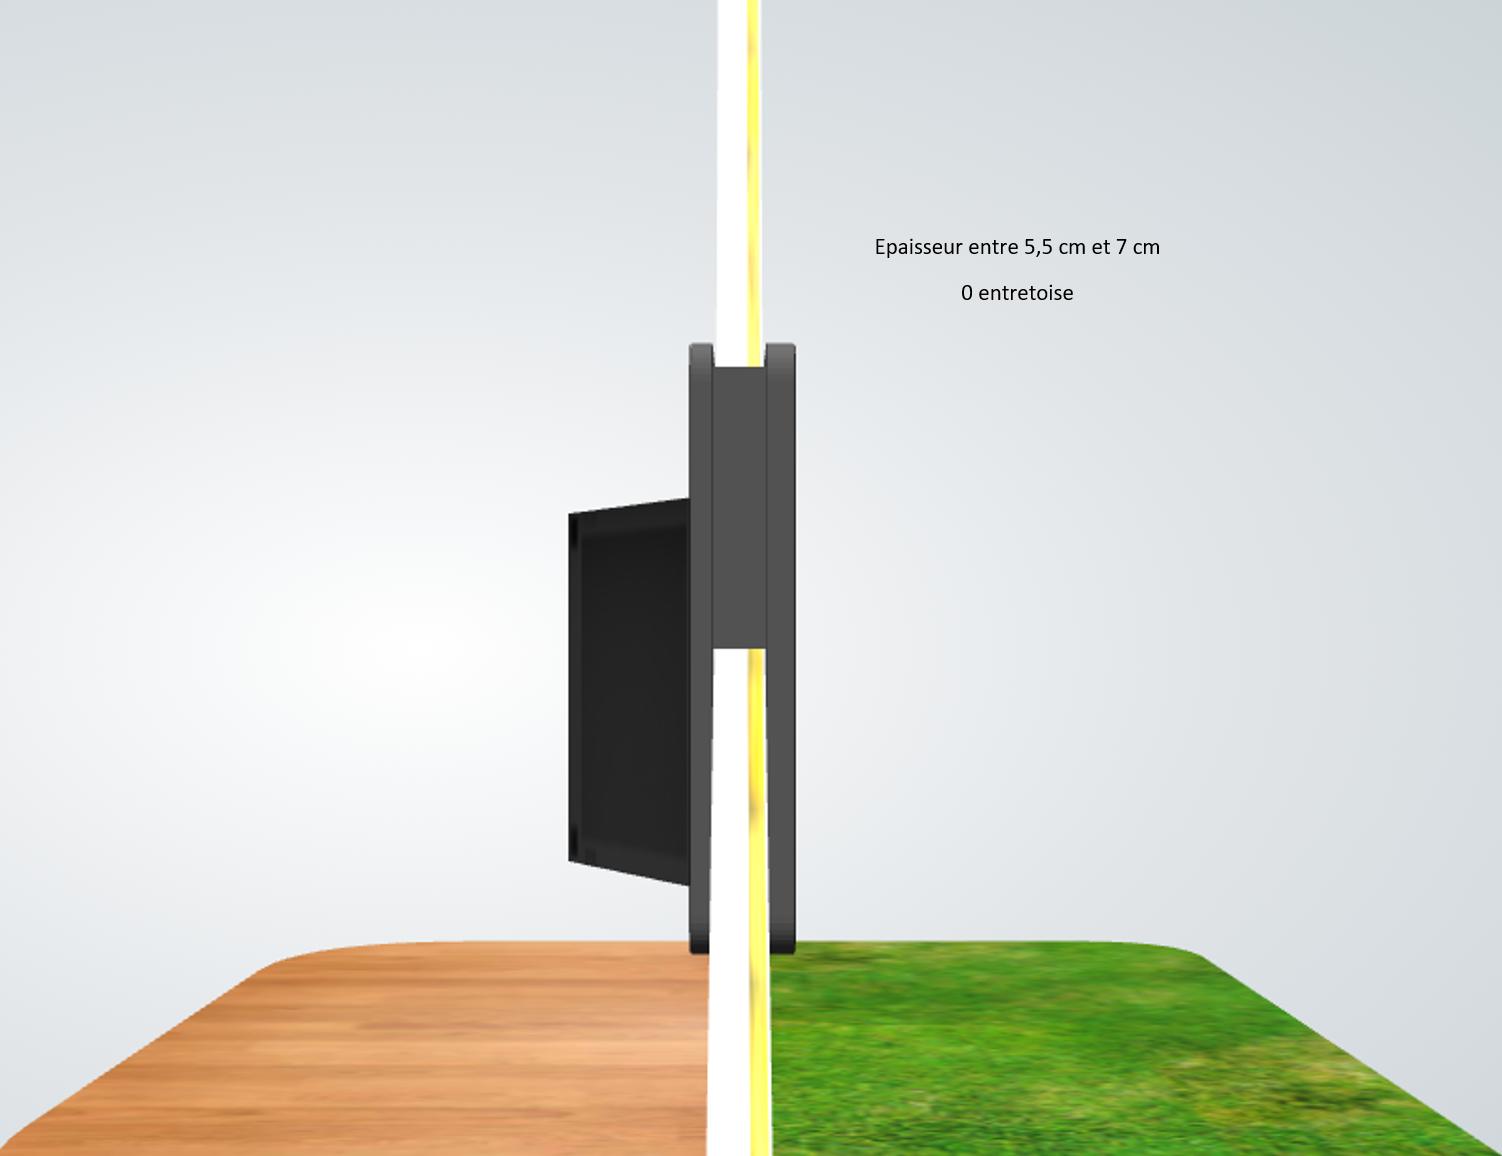 porte automatique odomestic entretoise épaisseur entre 5.5 cm et 7 cm